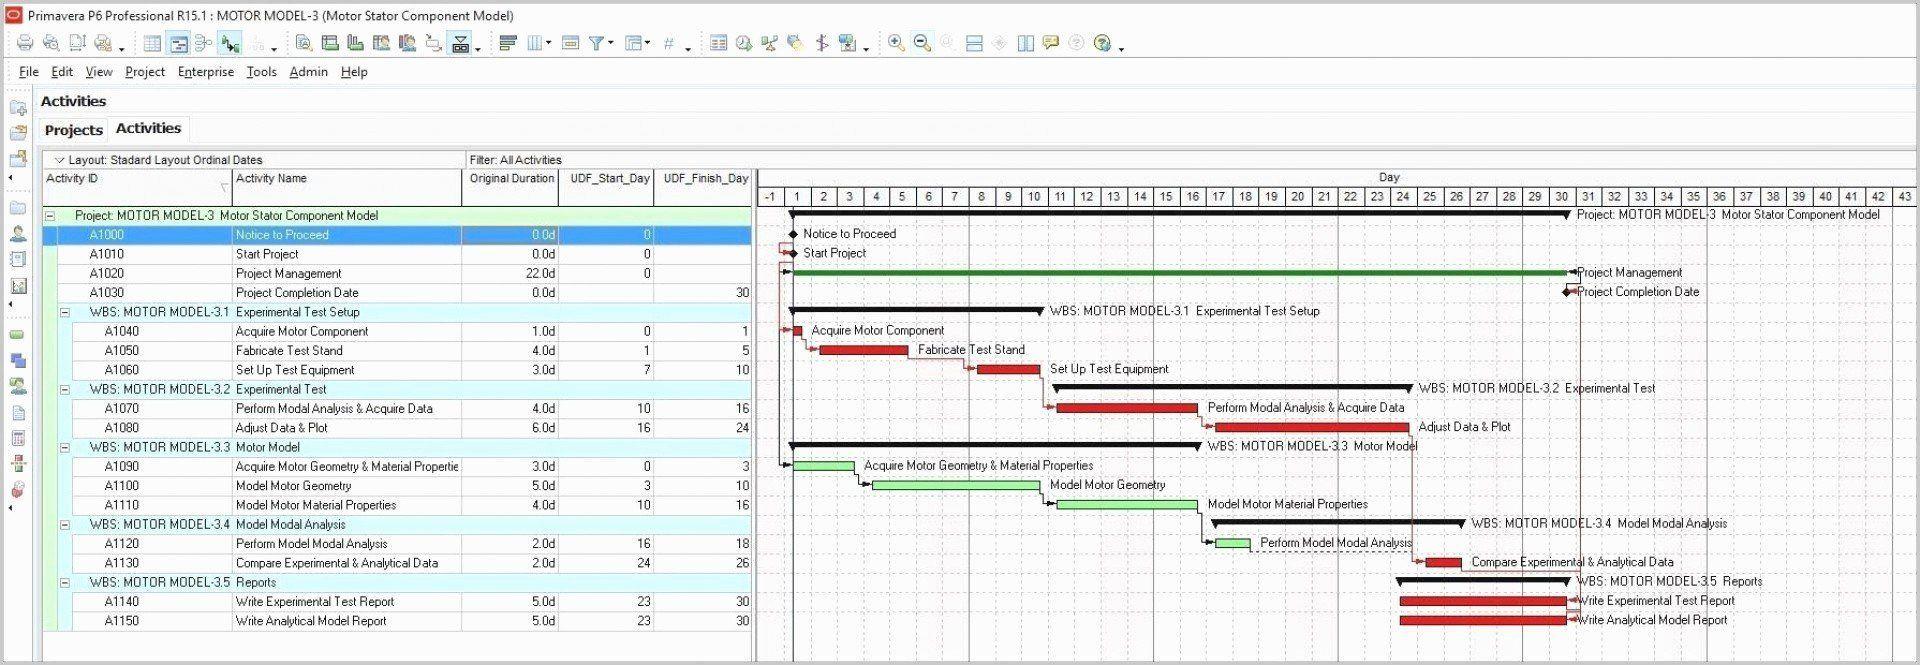 Excel Credit Card Tracker Template Unique 13 Excel Spreadsheet Templates Bluepar Excel Credit Card In 2020 Gedichte Zum 50 Geburtstag Einladung Text Organigramm